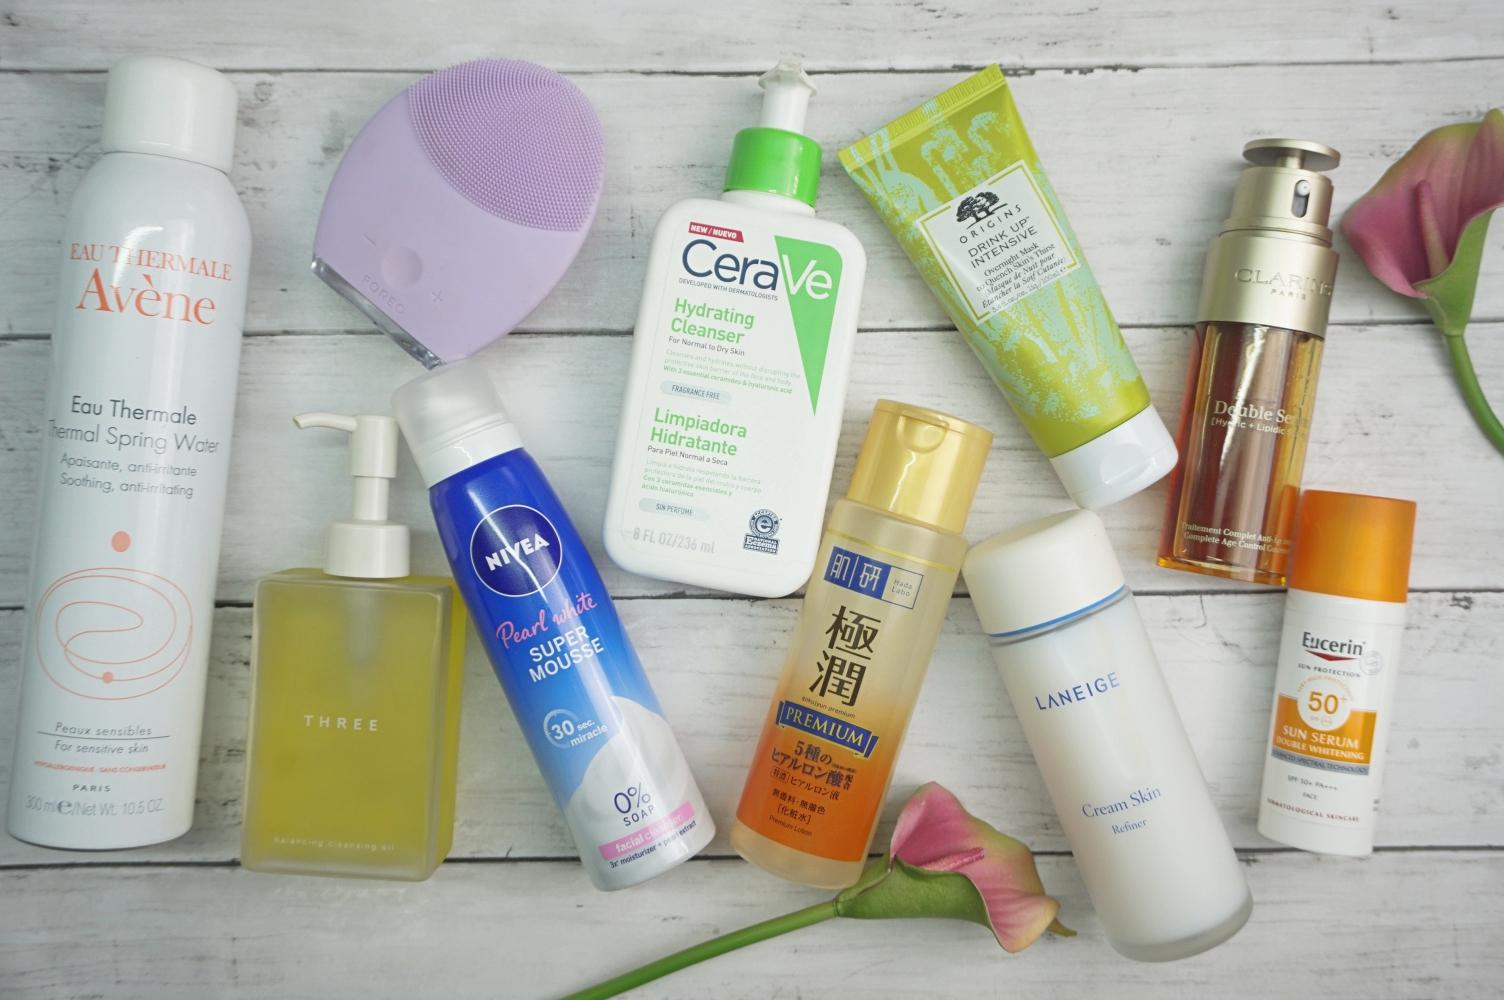 10 สุดยอด Skincare สำหรับผิวมันขาดน้ำเพื่อผิวอิ่มฟูชุ่มชื้น